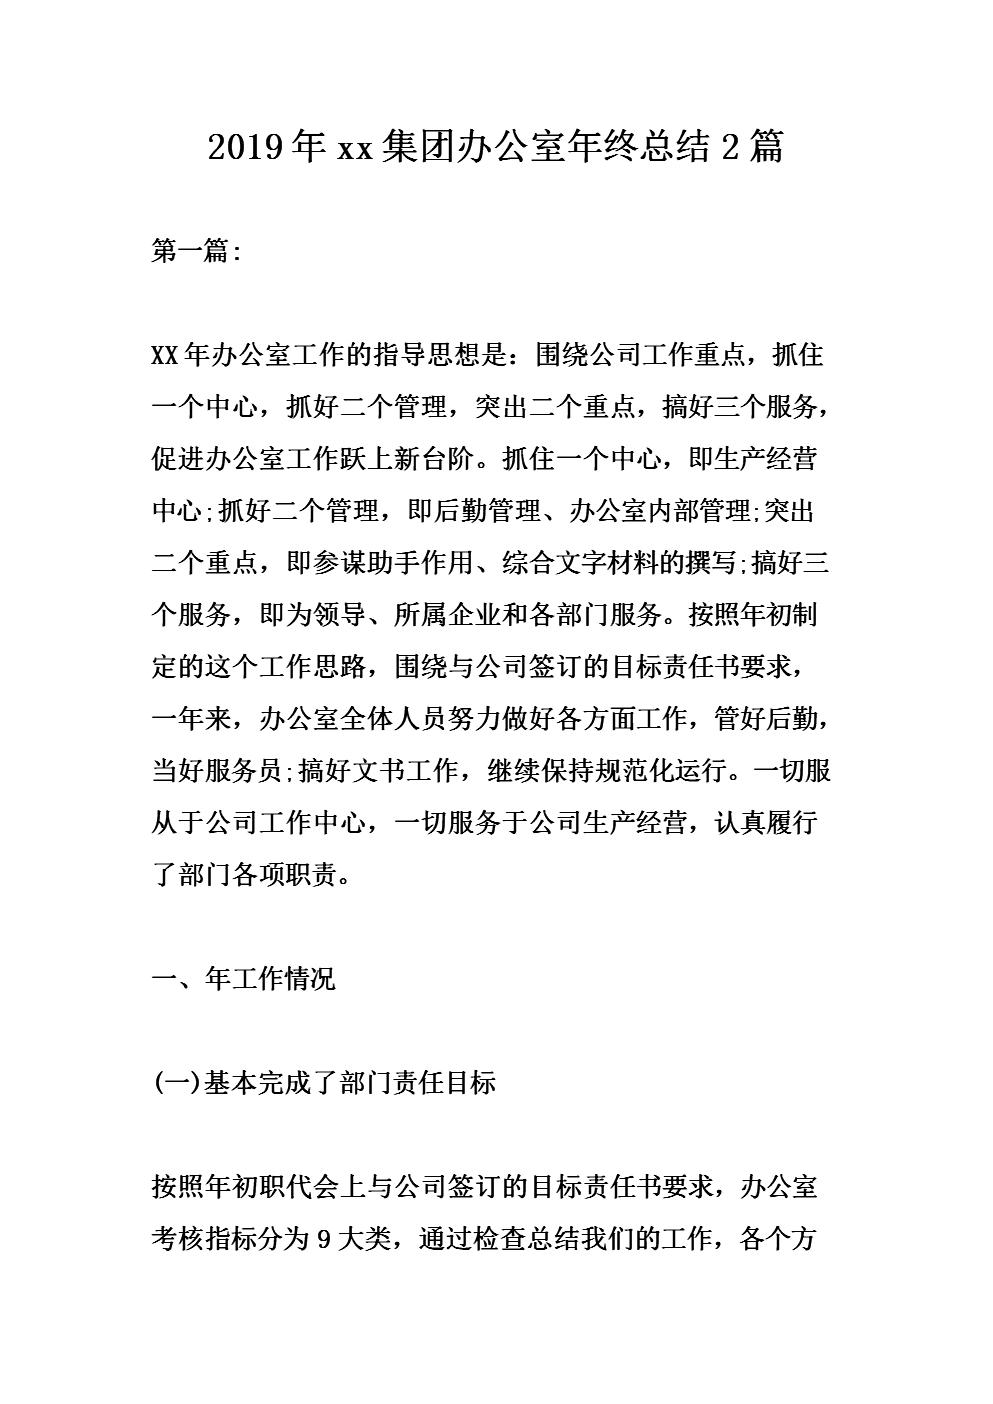 2019年xx集团办公室年终总结2篇.doc